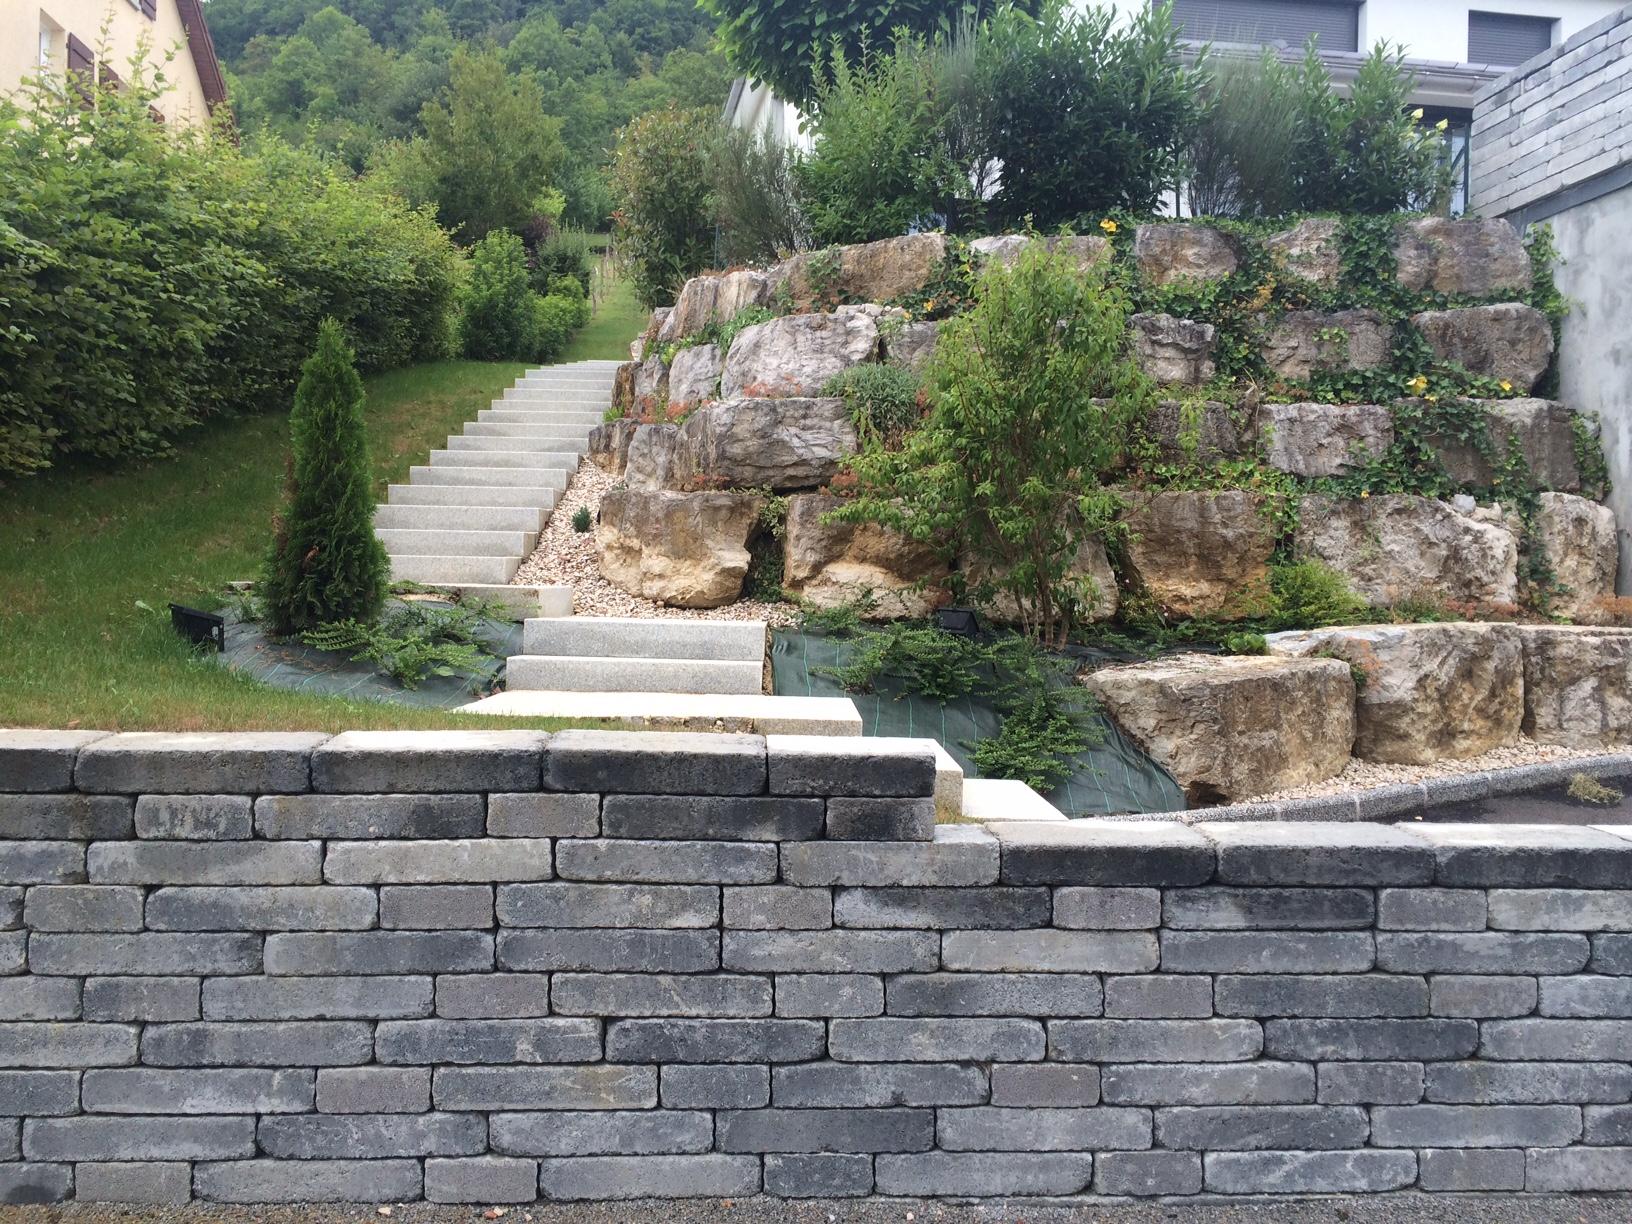 aménagement d'une entrée avec mur Bi Muro et escalier blocs marche granit par l'entreprise Cuinet de Tarcenay